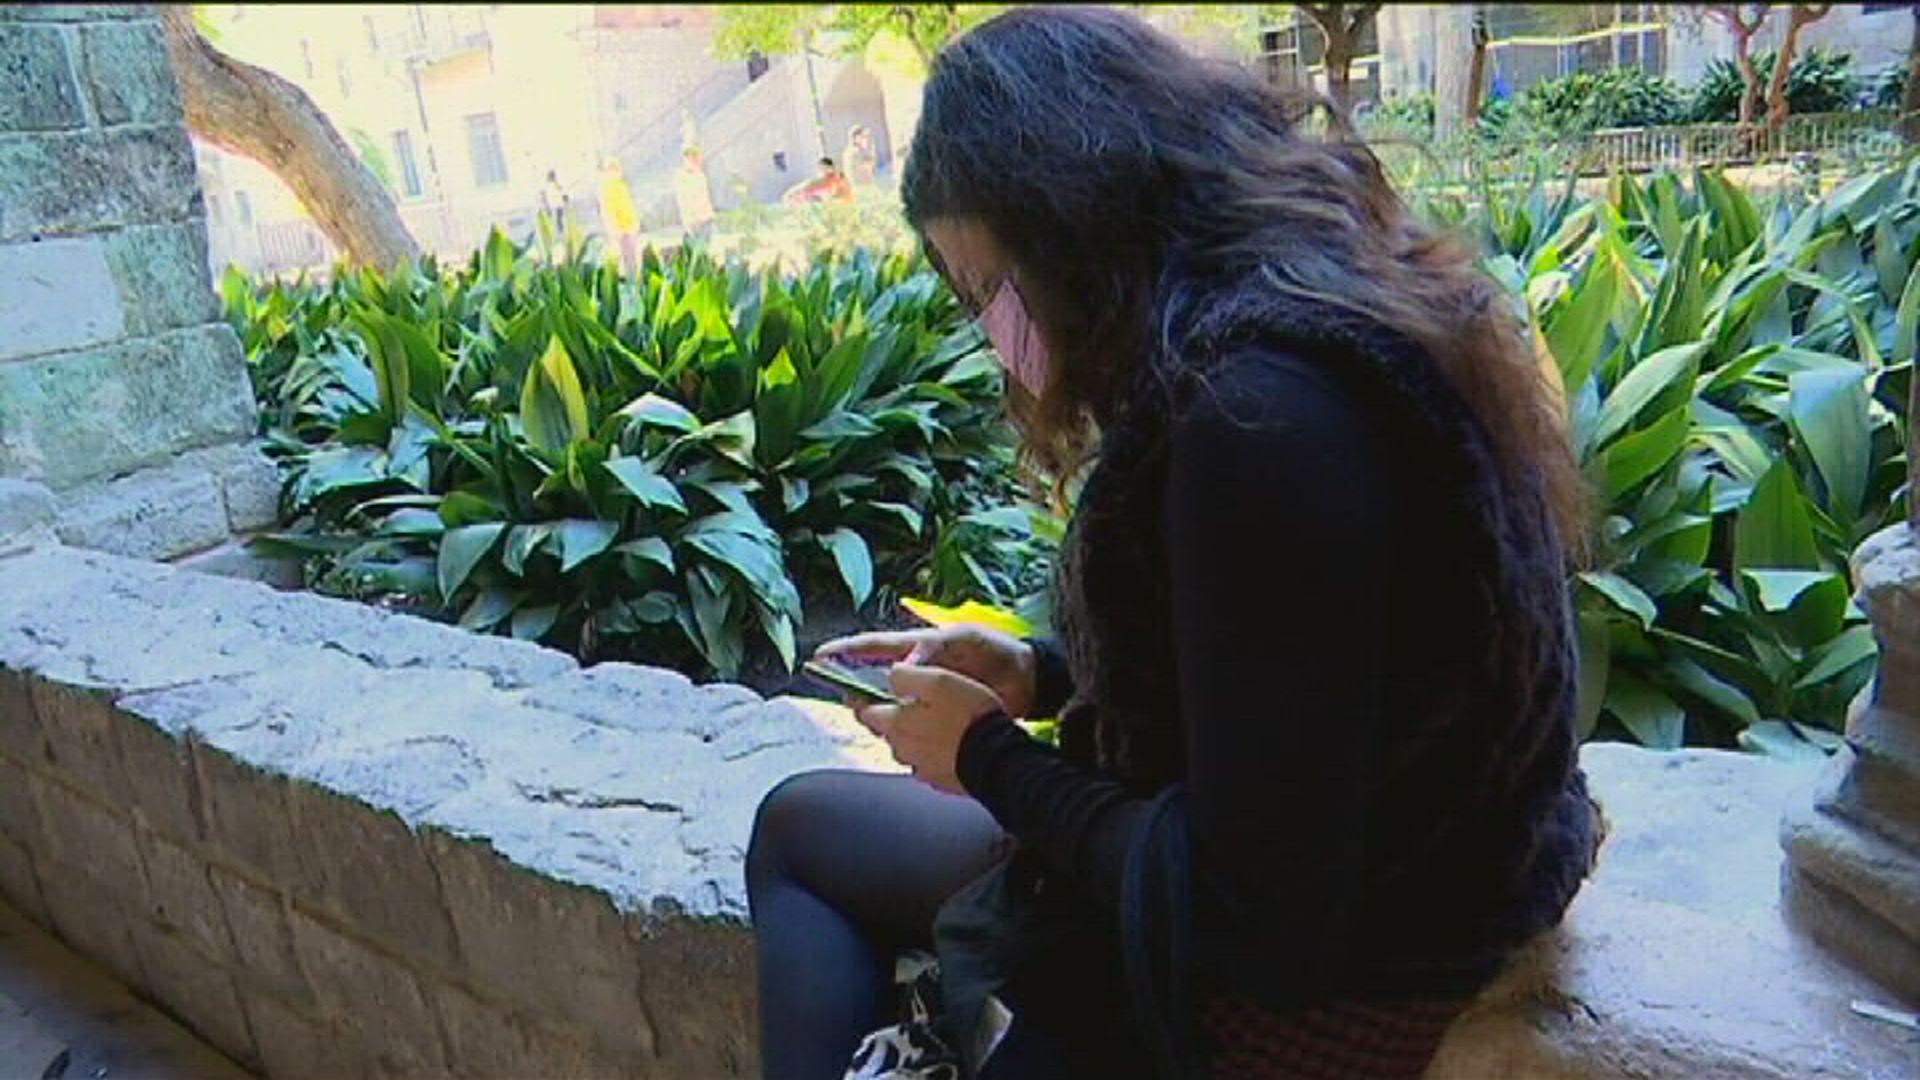 Edén Provecho consulta el seu telèfon mòbil abans de conversar amb betevé